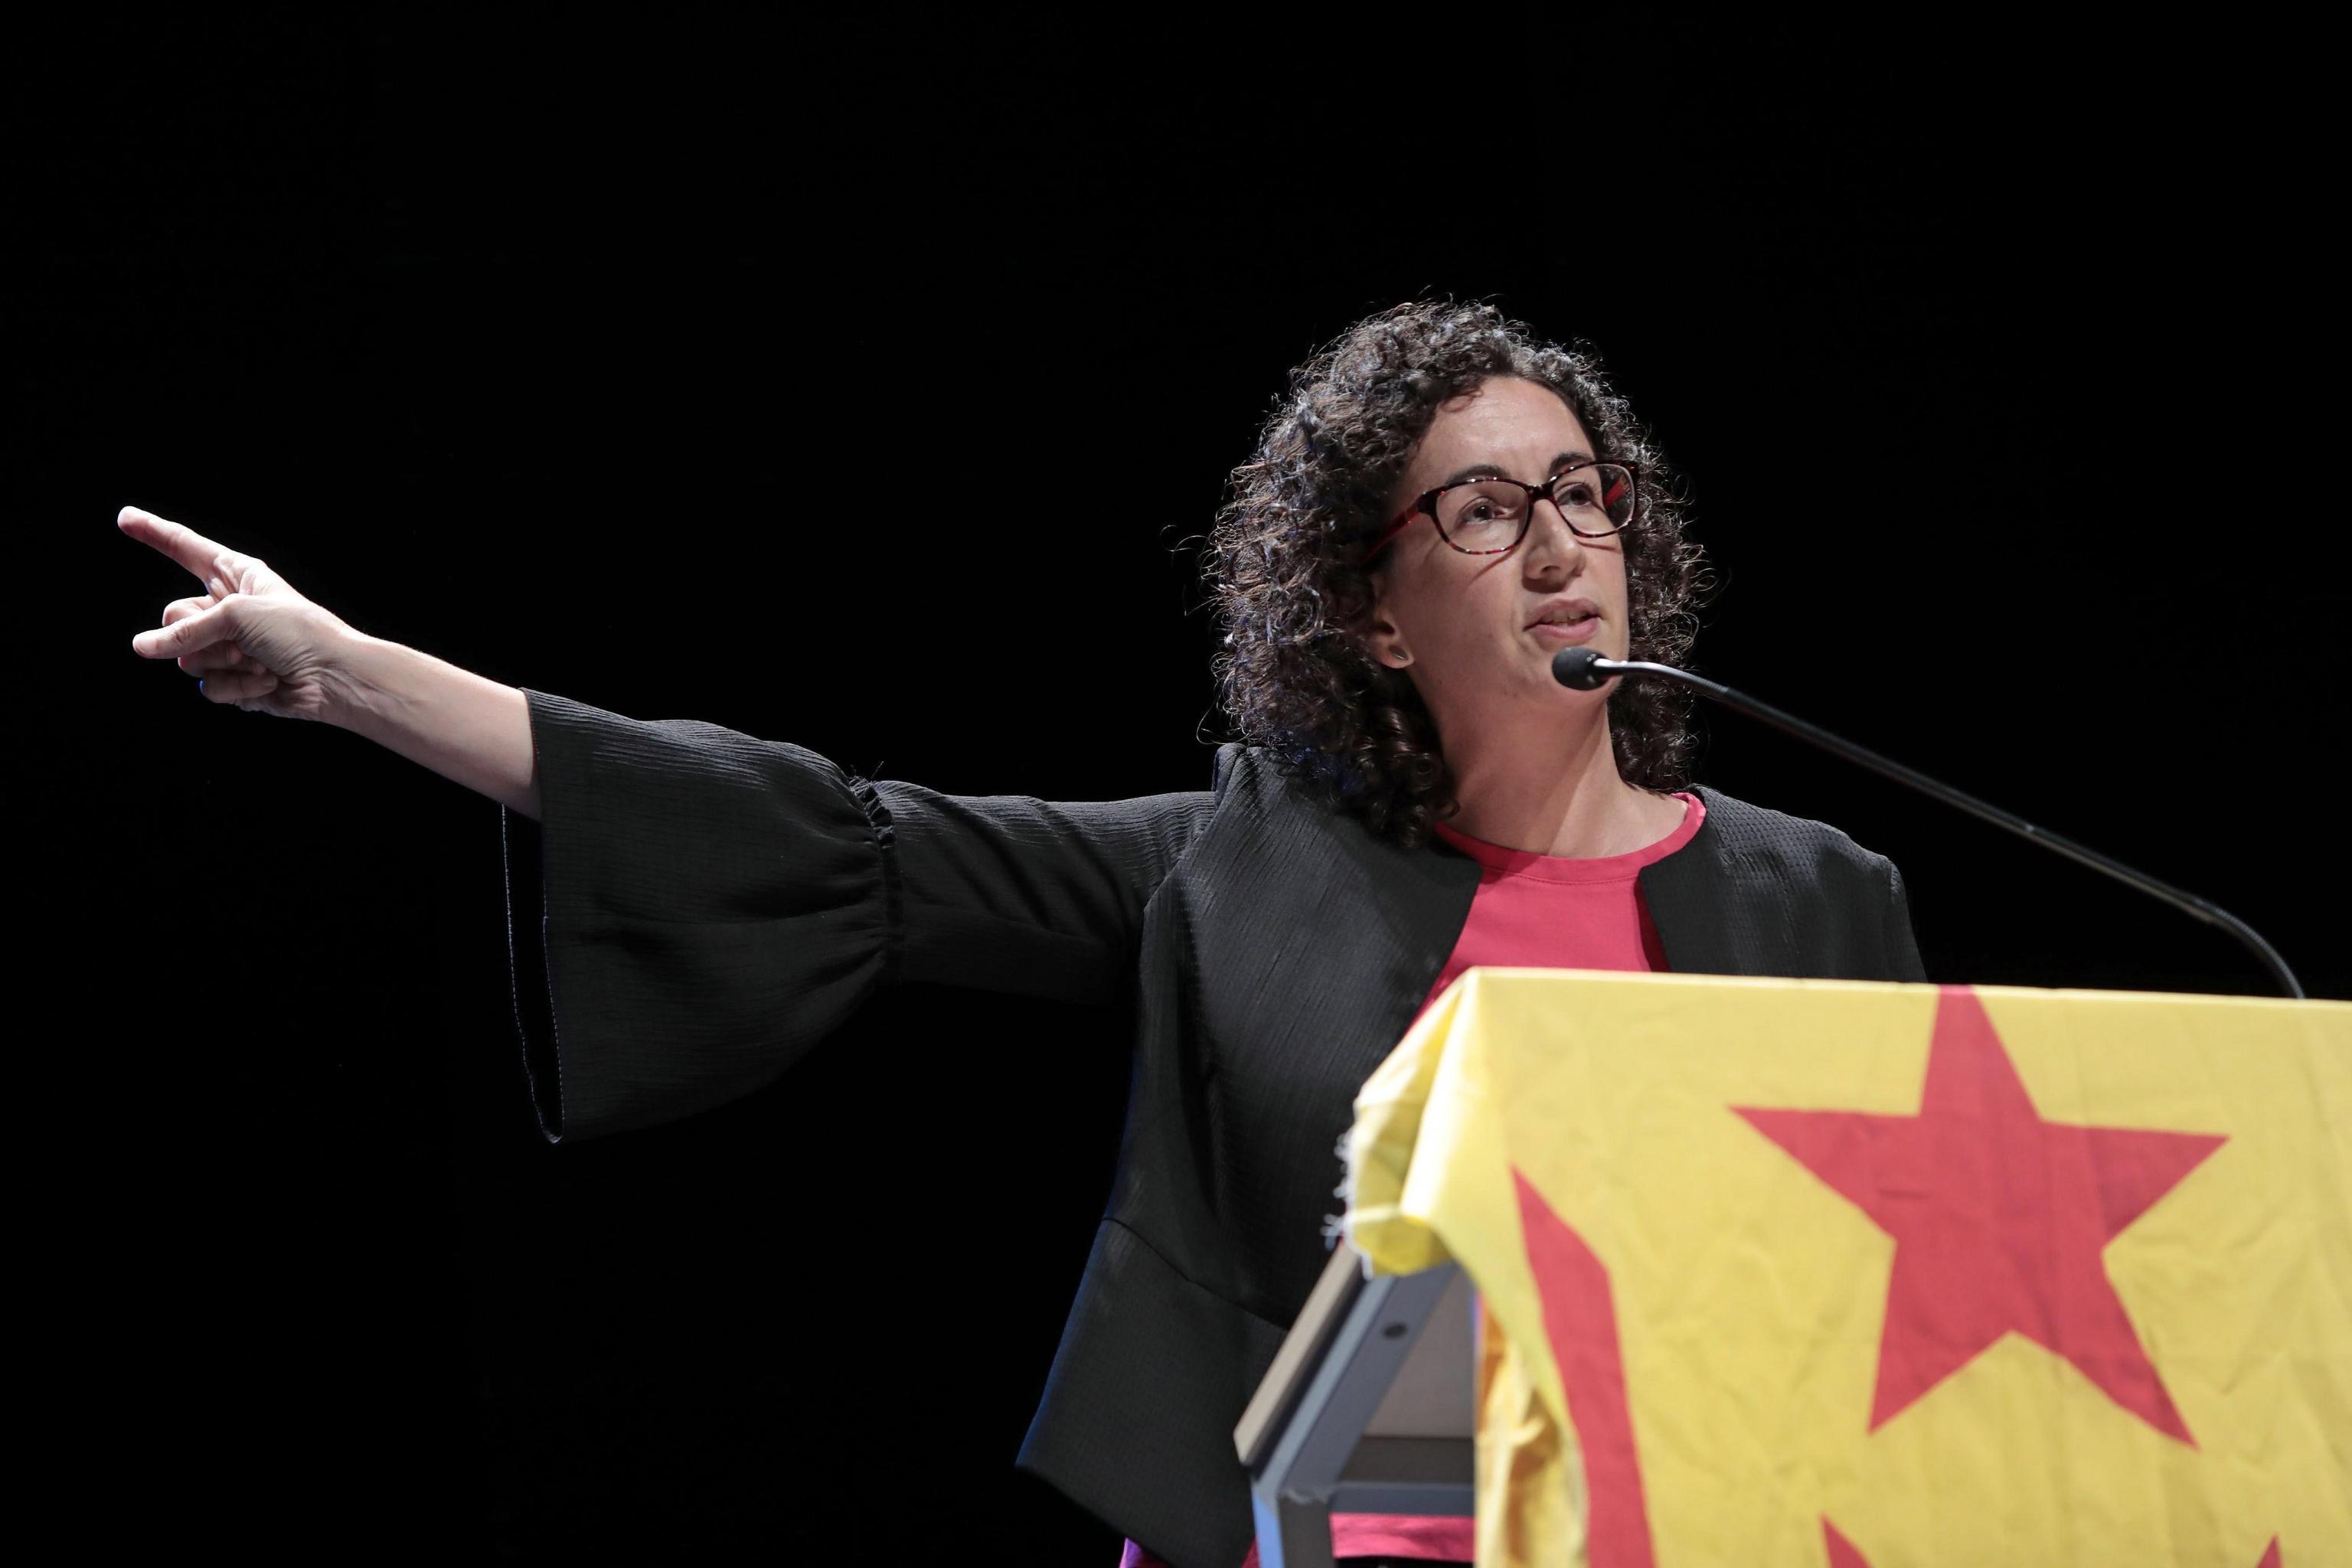 Catalogna: rischi per futura presidente